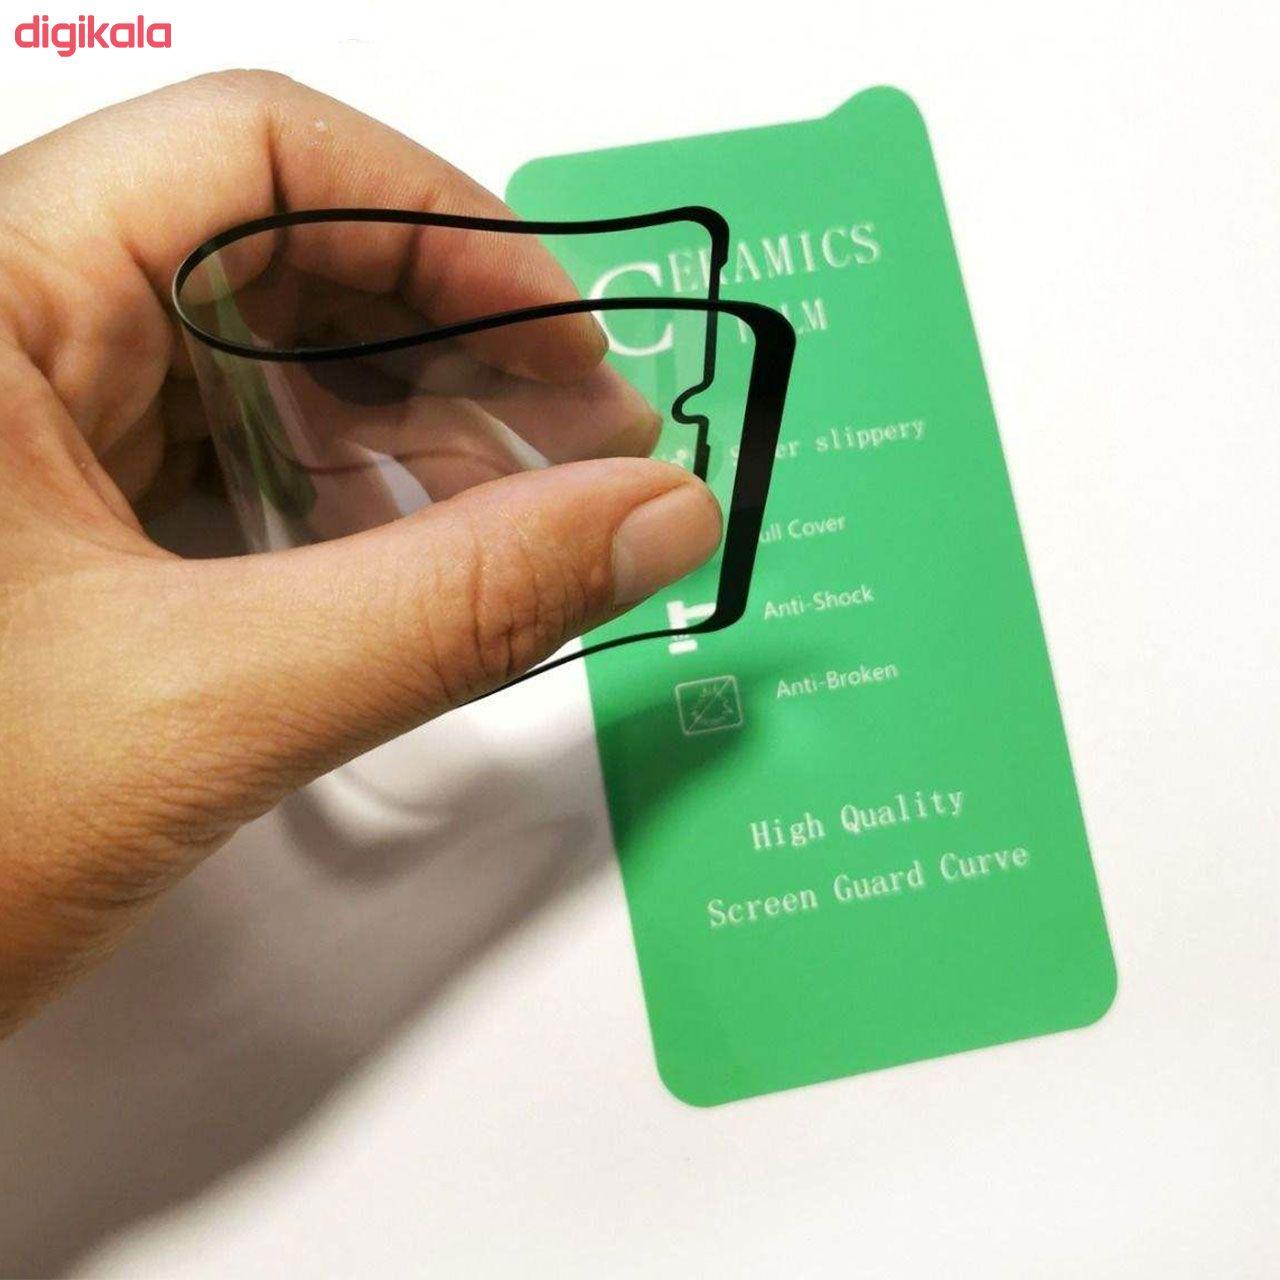 محافظ صفحه نمایش برنارد مدل Bcrm-01 مناسب برای گوشی موبایل اپل Iphone 6/6s main 1 2